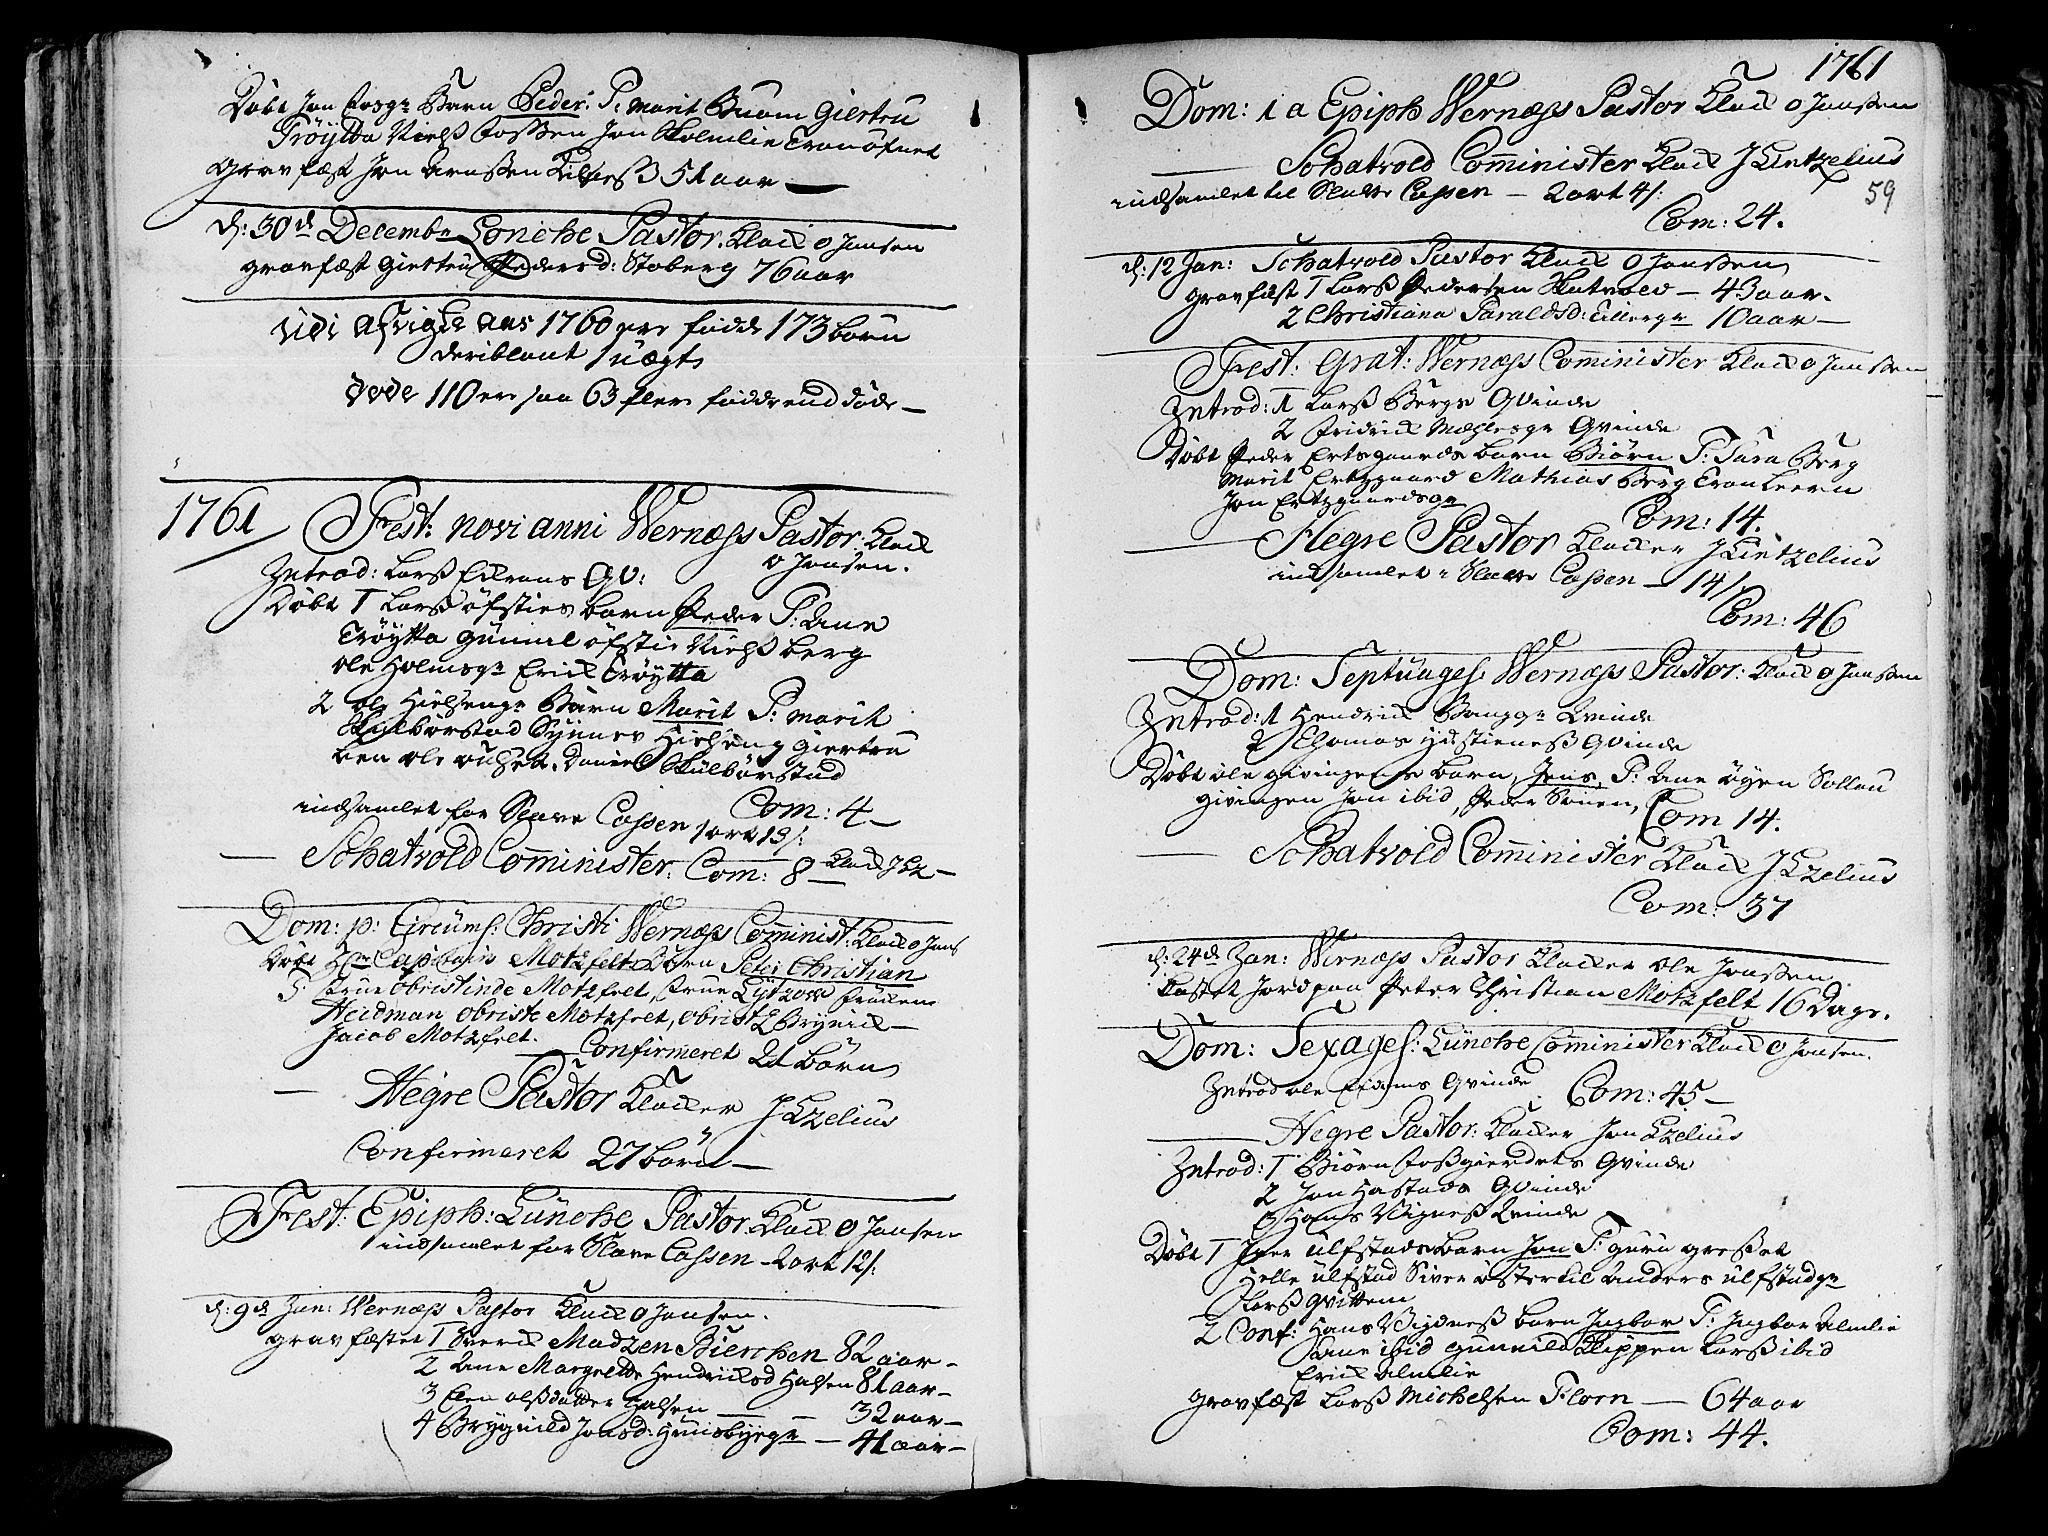 SAT, Ministerialprotokoller, klokkerbøker og fødselsregistre - Nord-Trøndelag, 709/L0057: Ministerialbok nr. 709A05, 1755-1780, s. 59